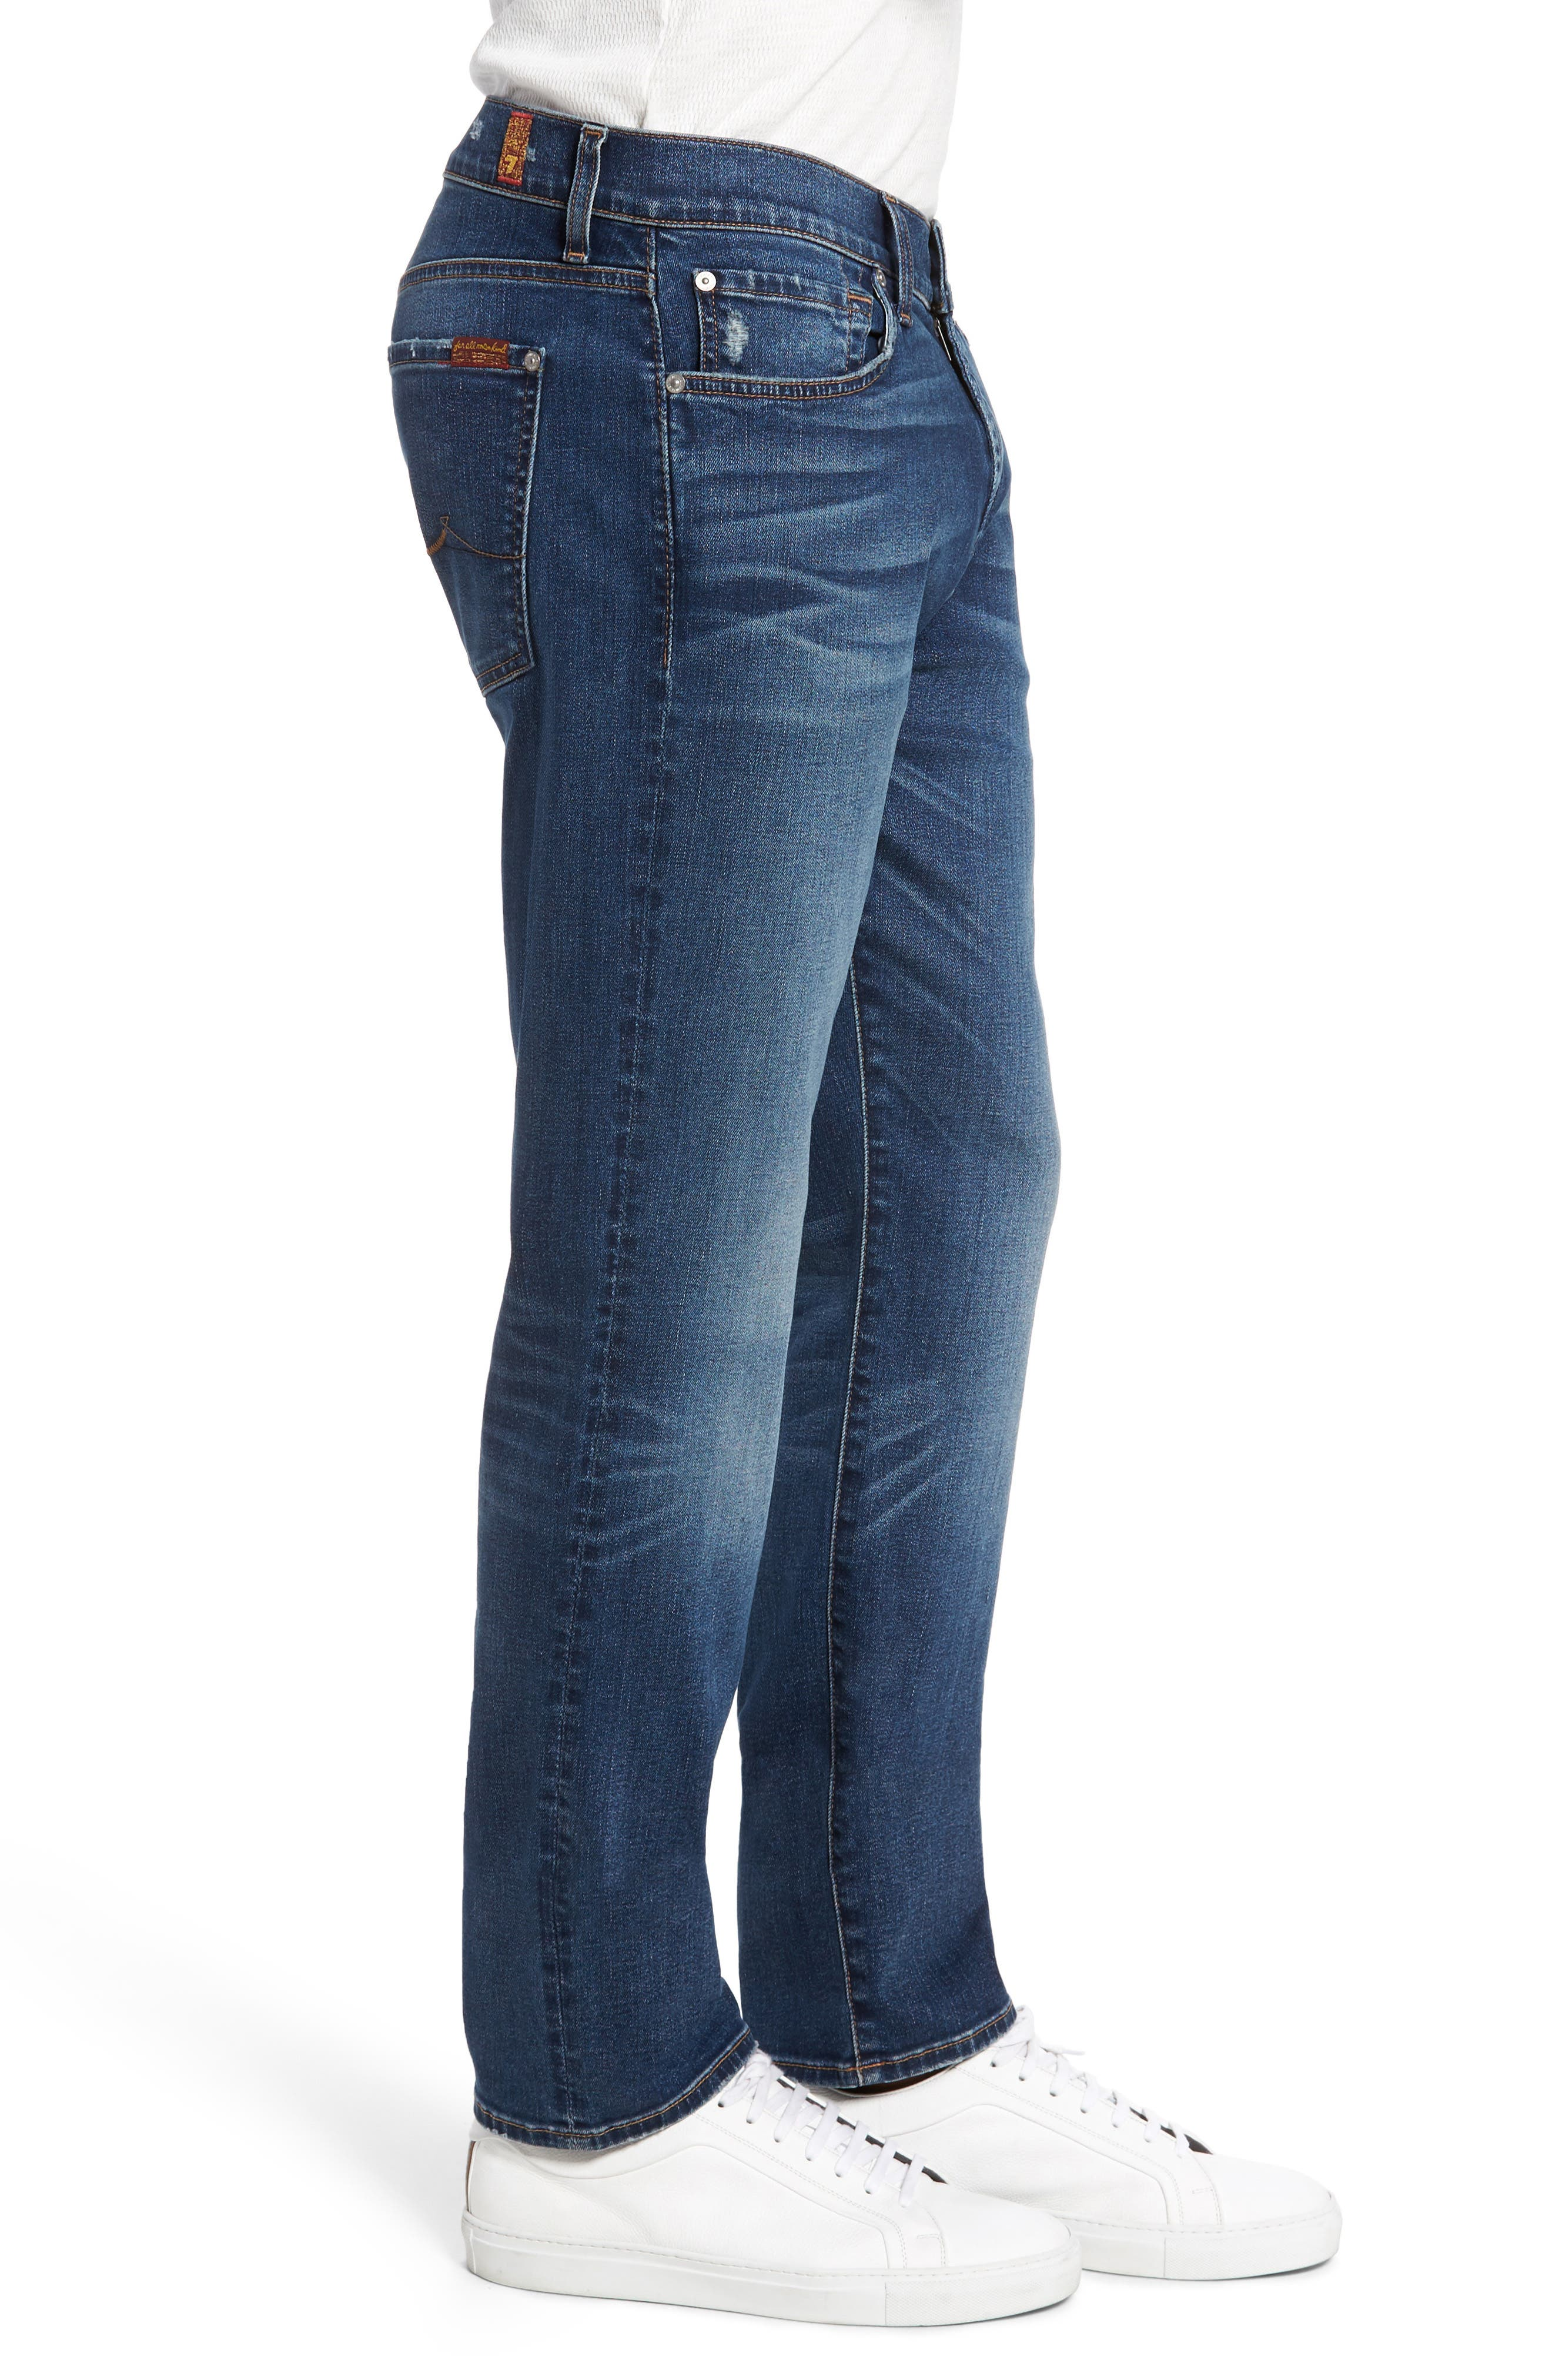 Slimmy Slim Fit Jeans,                             Alternate thumbnail 3, color,                             Union